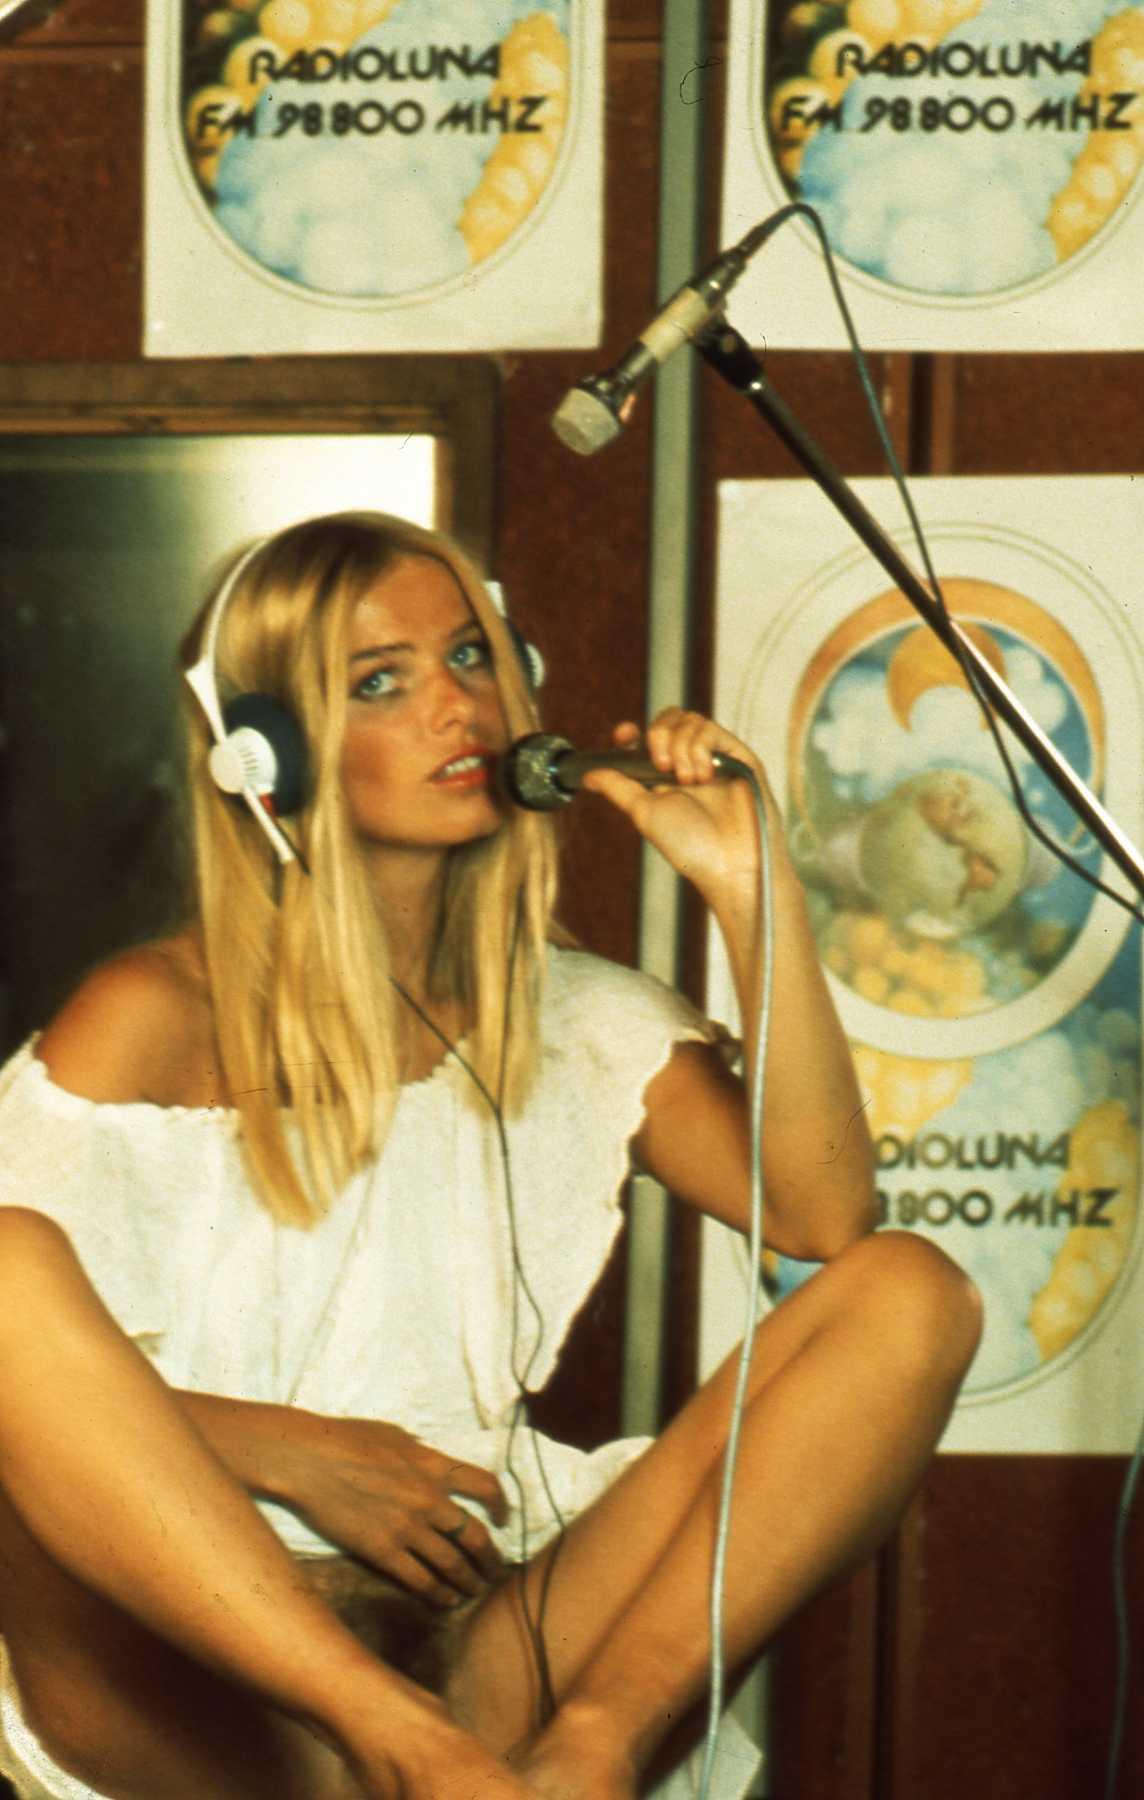 Radio luna staller ilona nuda - Storia della radiotelevisione italiana. 1977: prove tecniche per un Piano Nazionale di Assegnazione delle Frequenze. Che attendiamo ancora oggi...